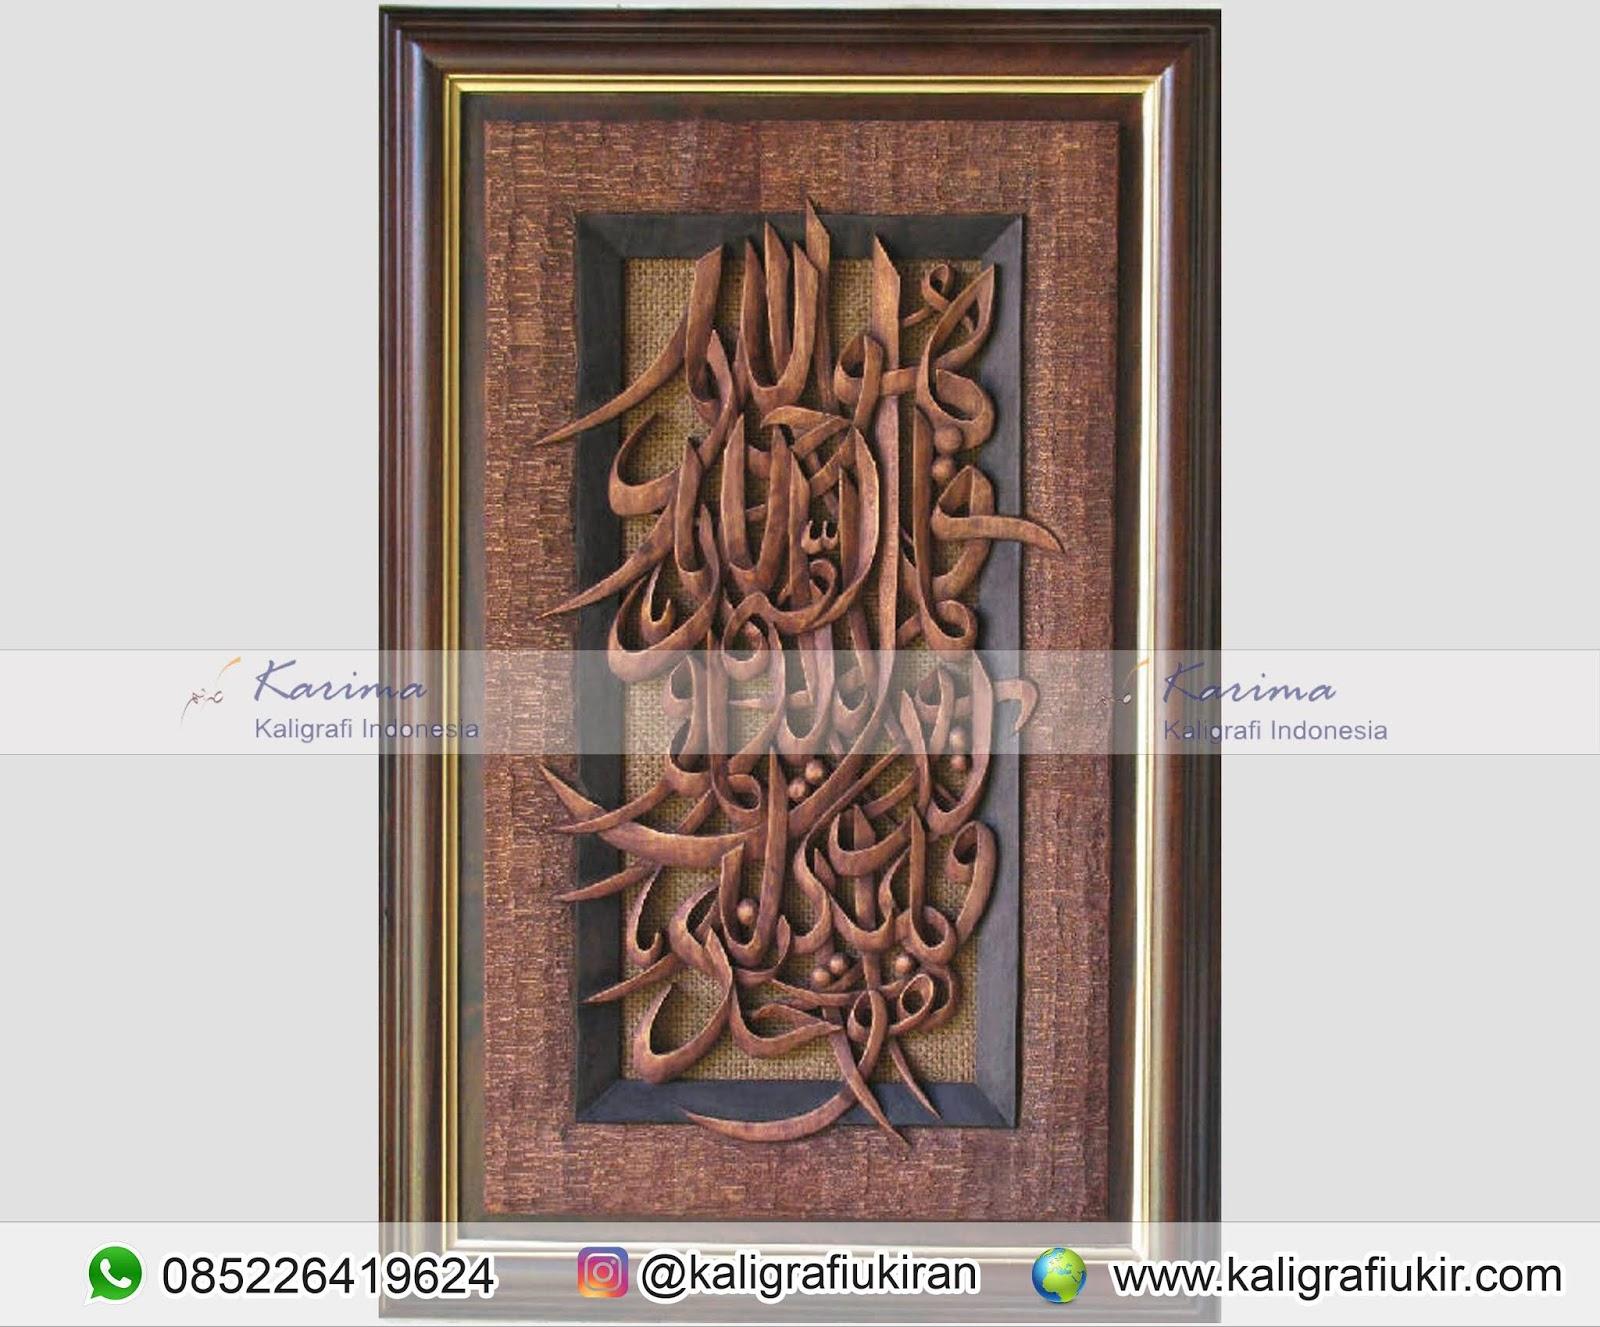 Kaligrafi Surat Al Ikhlas Khat Diwani Kaligrafi Ukiran